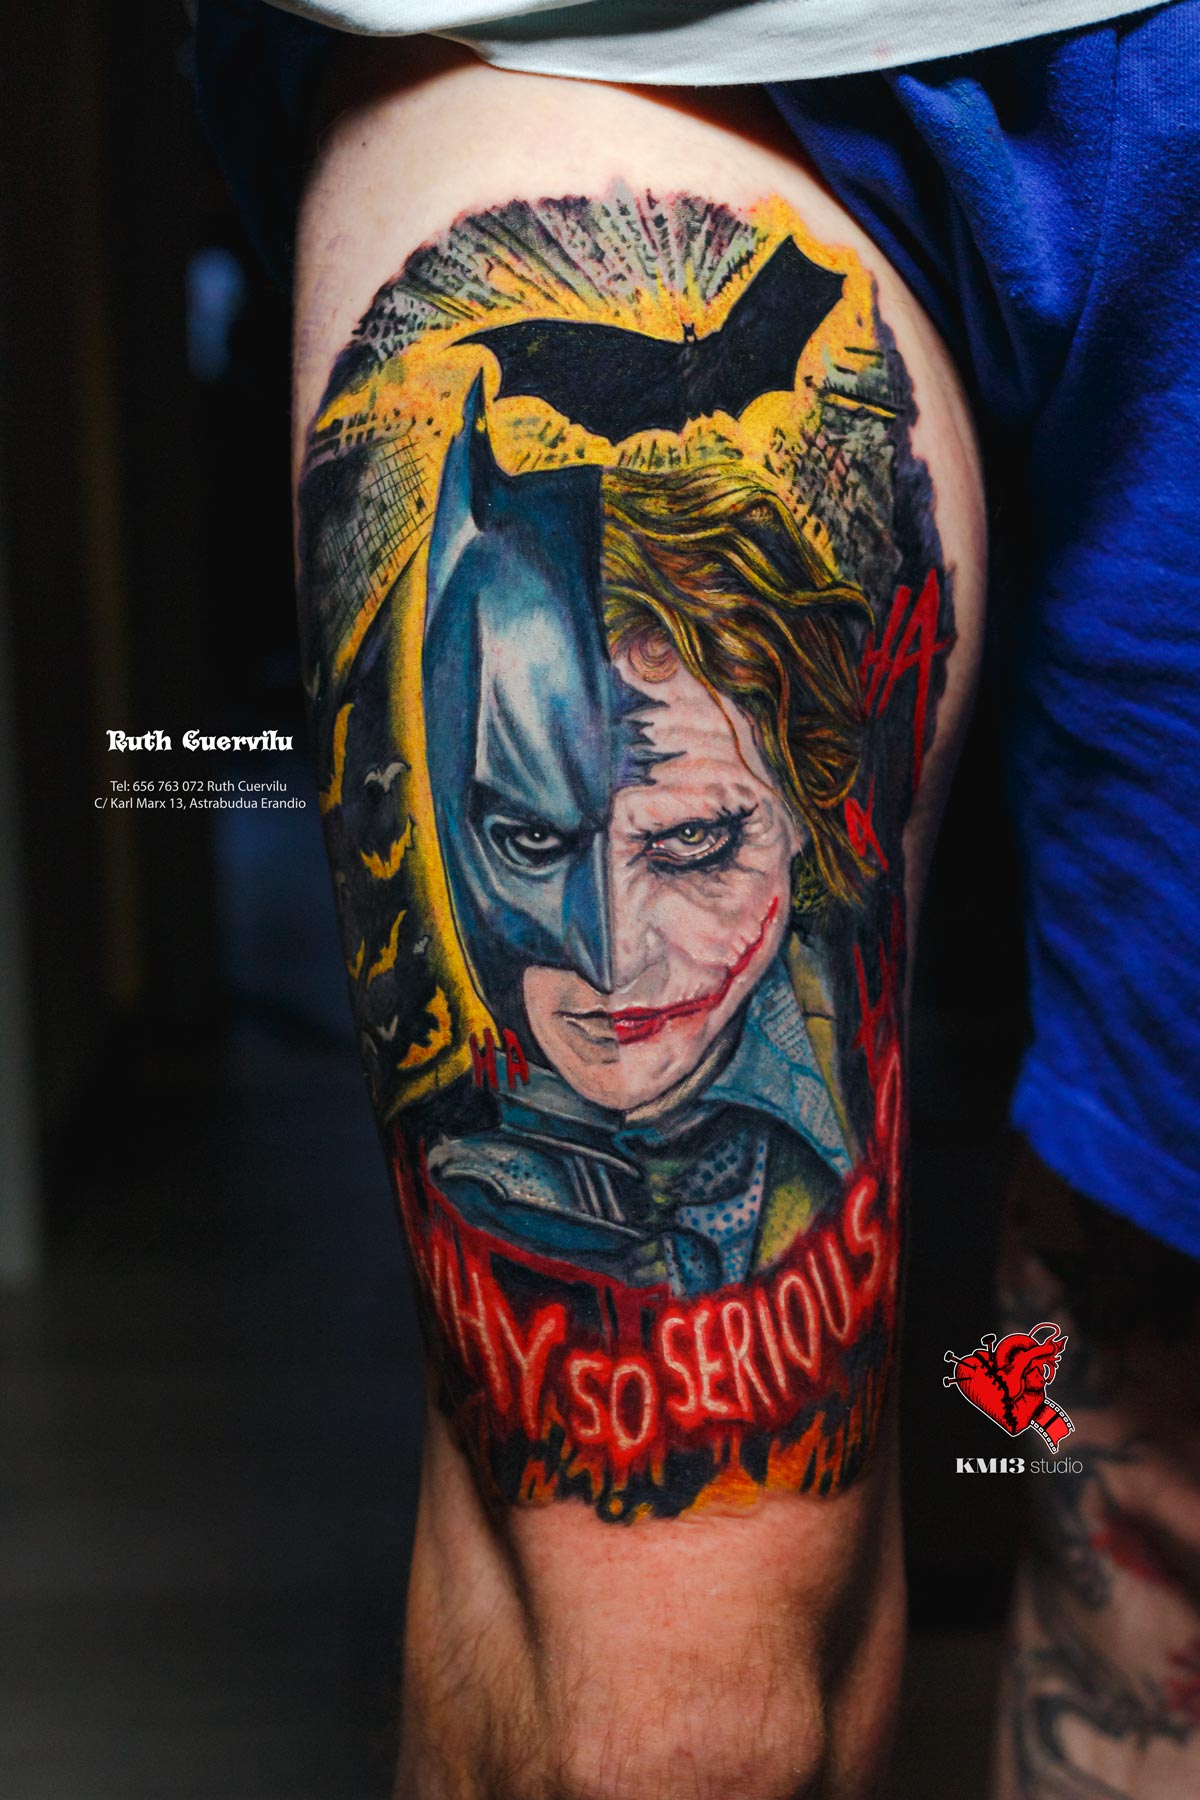 Tatuaje Realismo Batman Joker So serious - Ruth Cuervilu Tattoo - KM13 Studio - estudio de tatuajes erandio astrabudua bilbao bizkaia